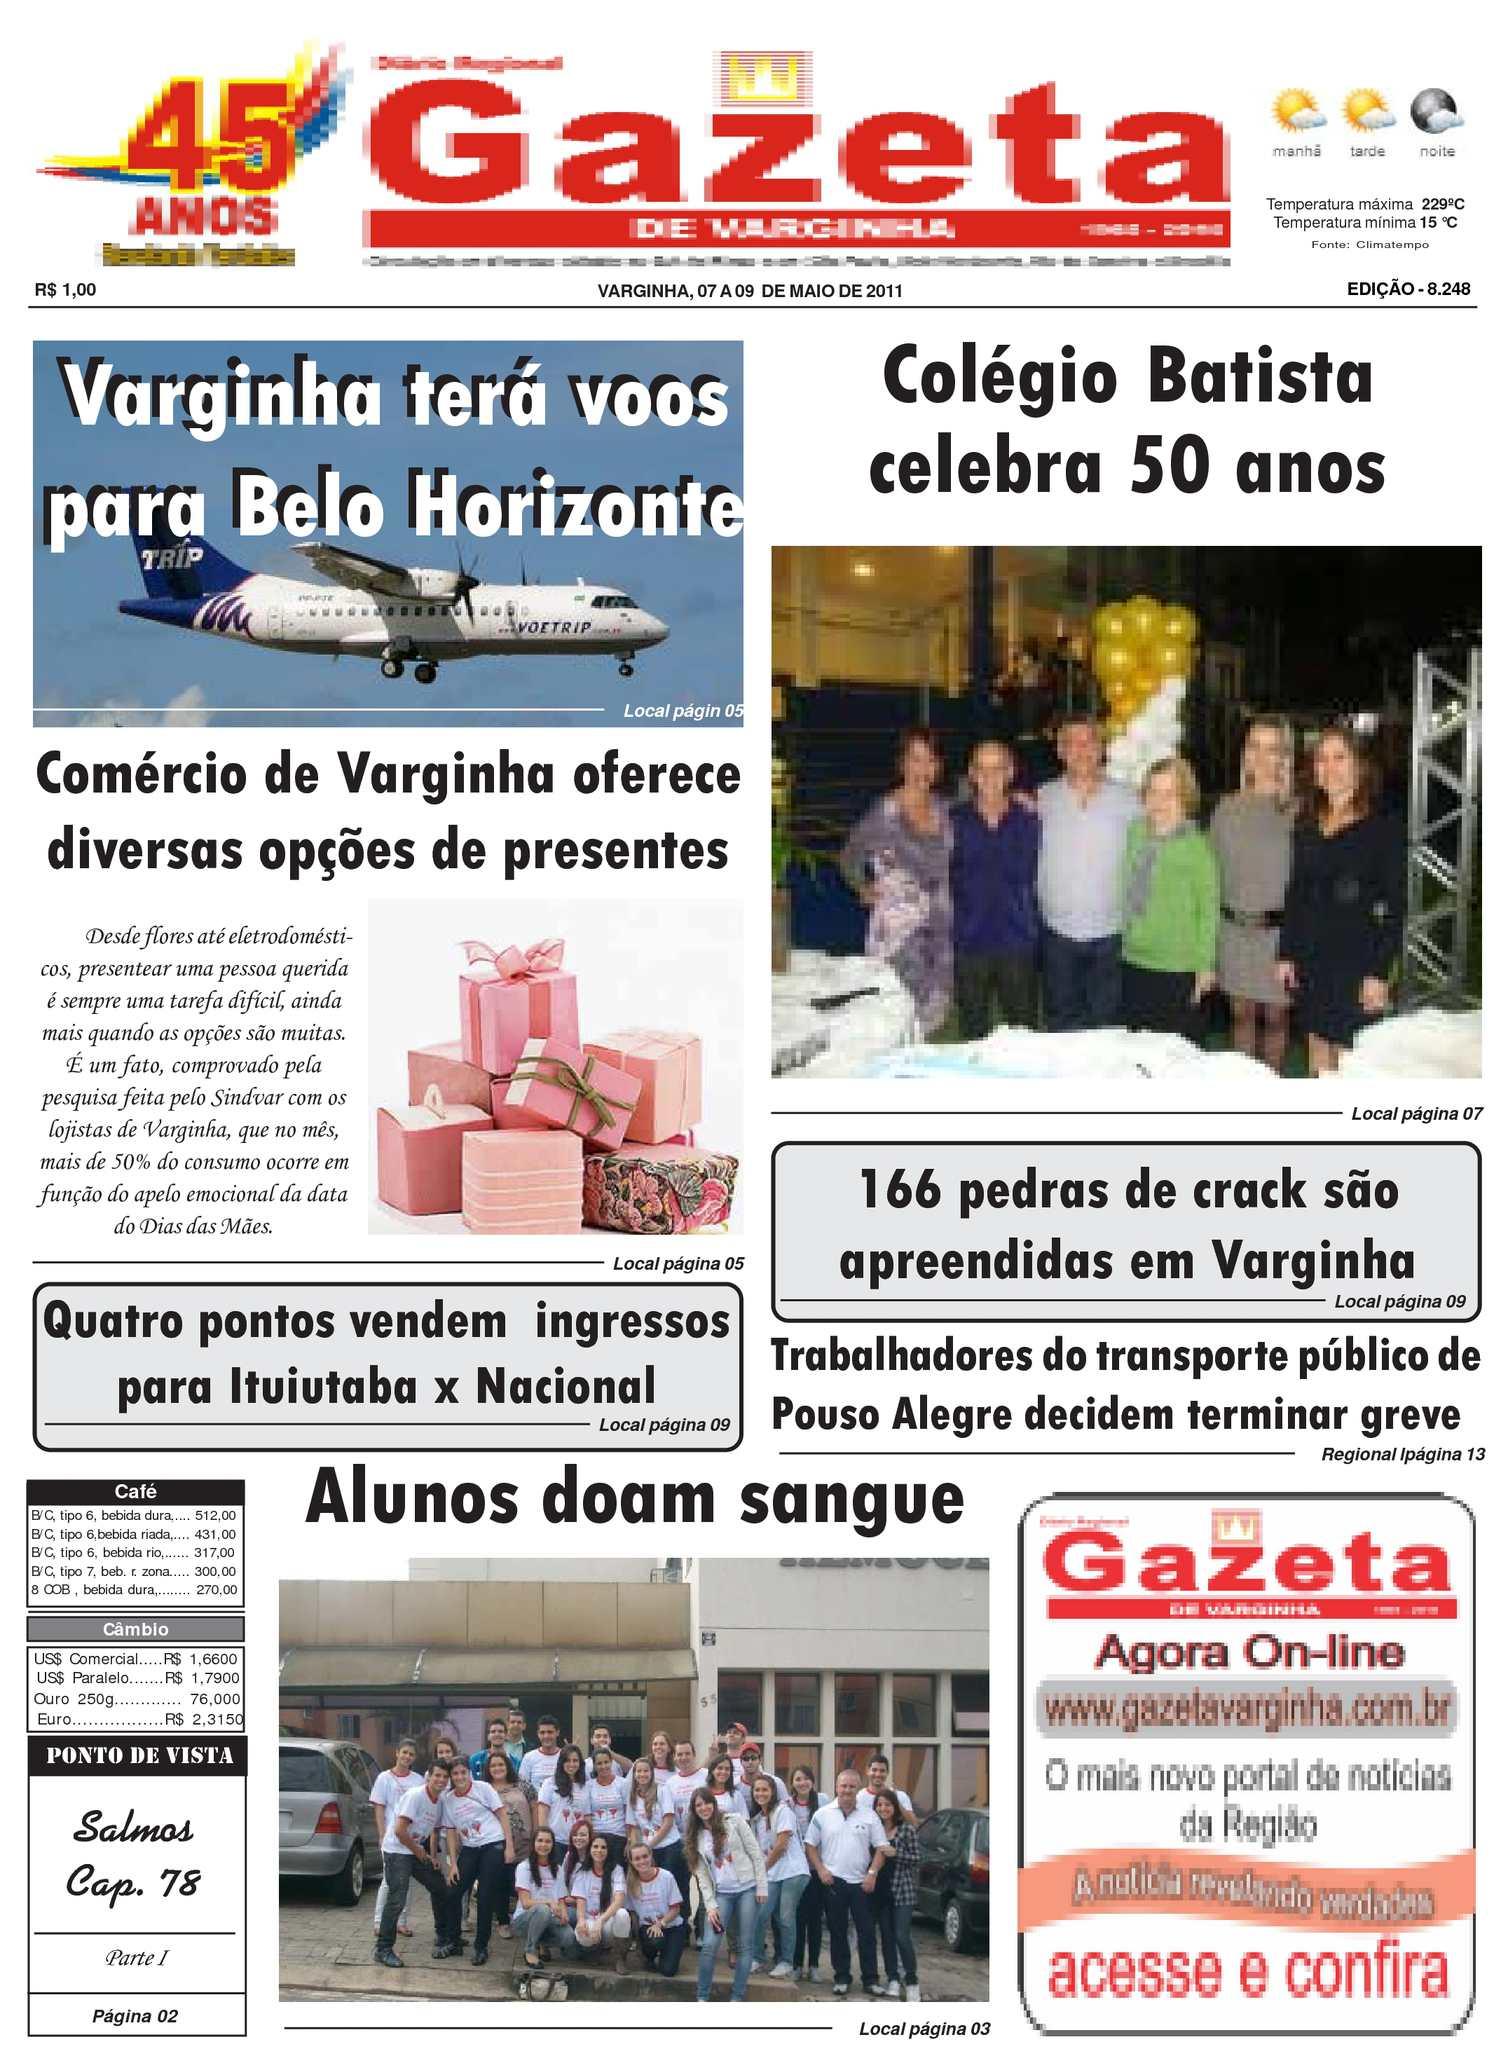 7e539b1cf6 Calaméo - Jornal Gazeta de varginha 07 A 09 -05-2011